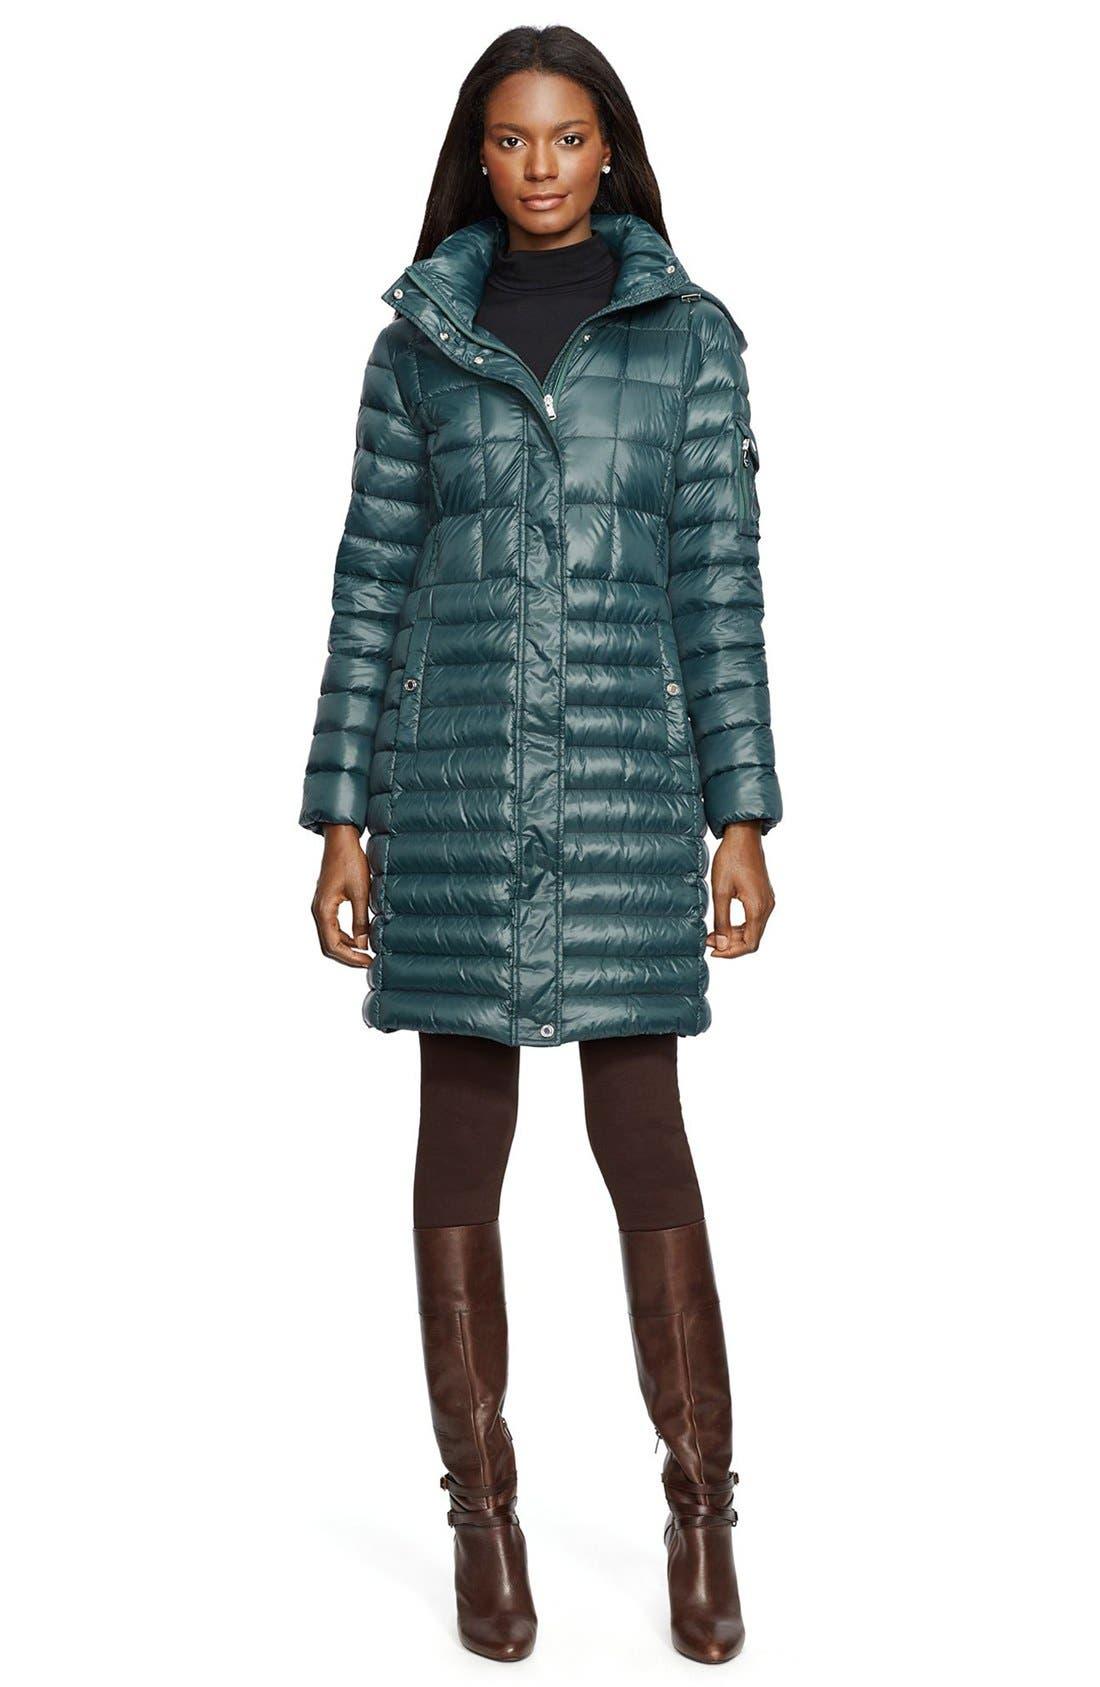 Alternate Image 1 Selected - Lauren Ralph Lauren Combo Quilt Packable Down Coat with Removable Hood